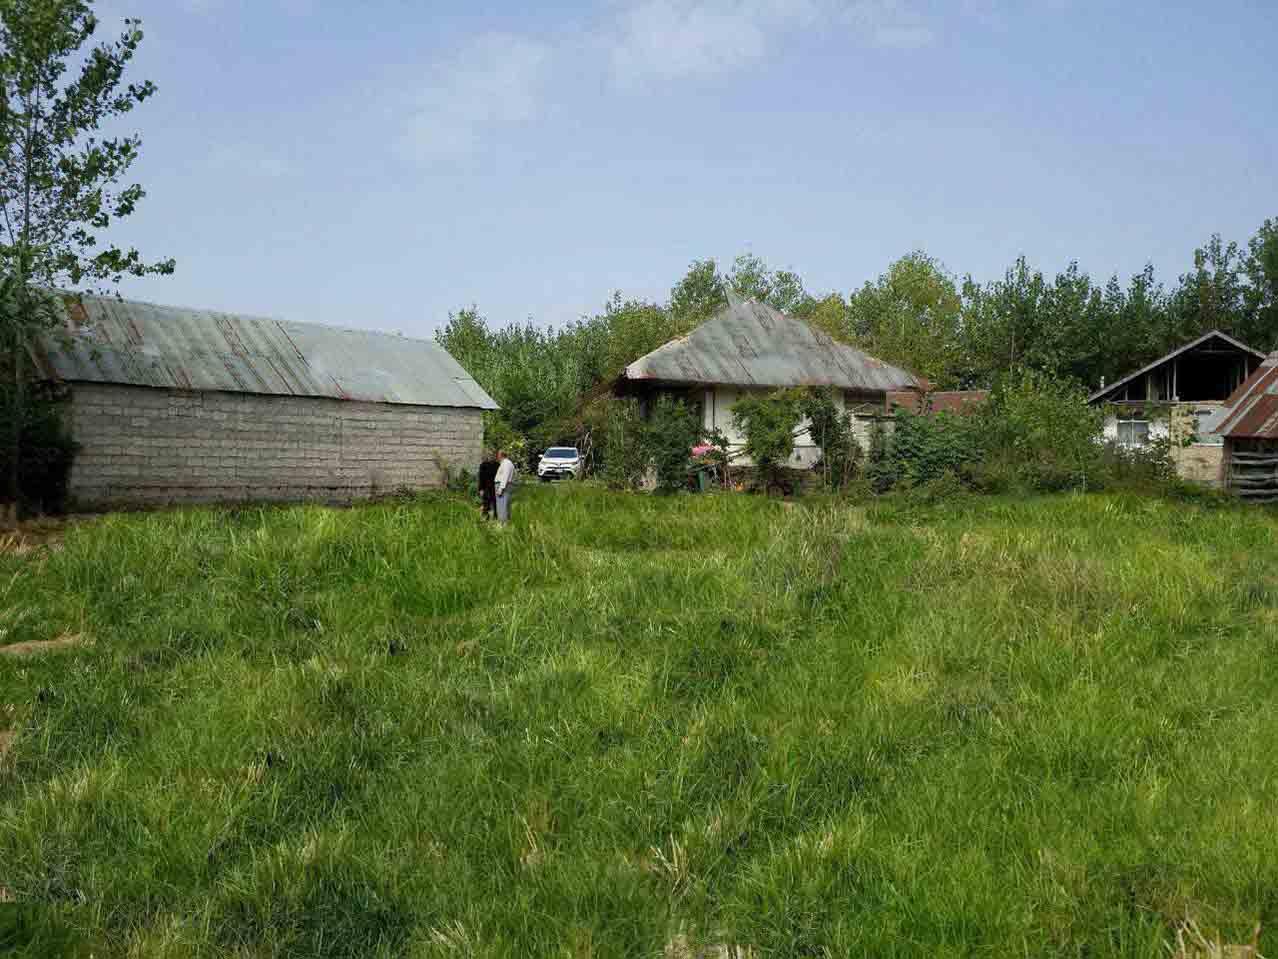 فروش خانه با ۲۰۱۱ متر زمین لاهیجان